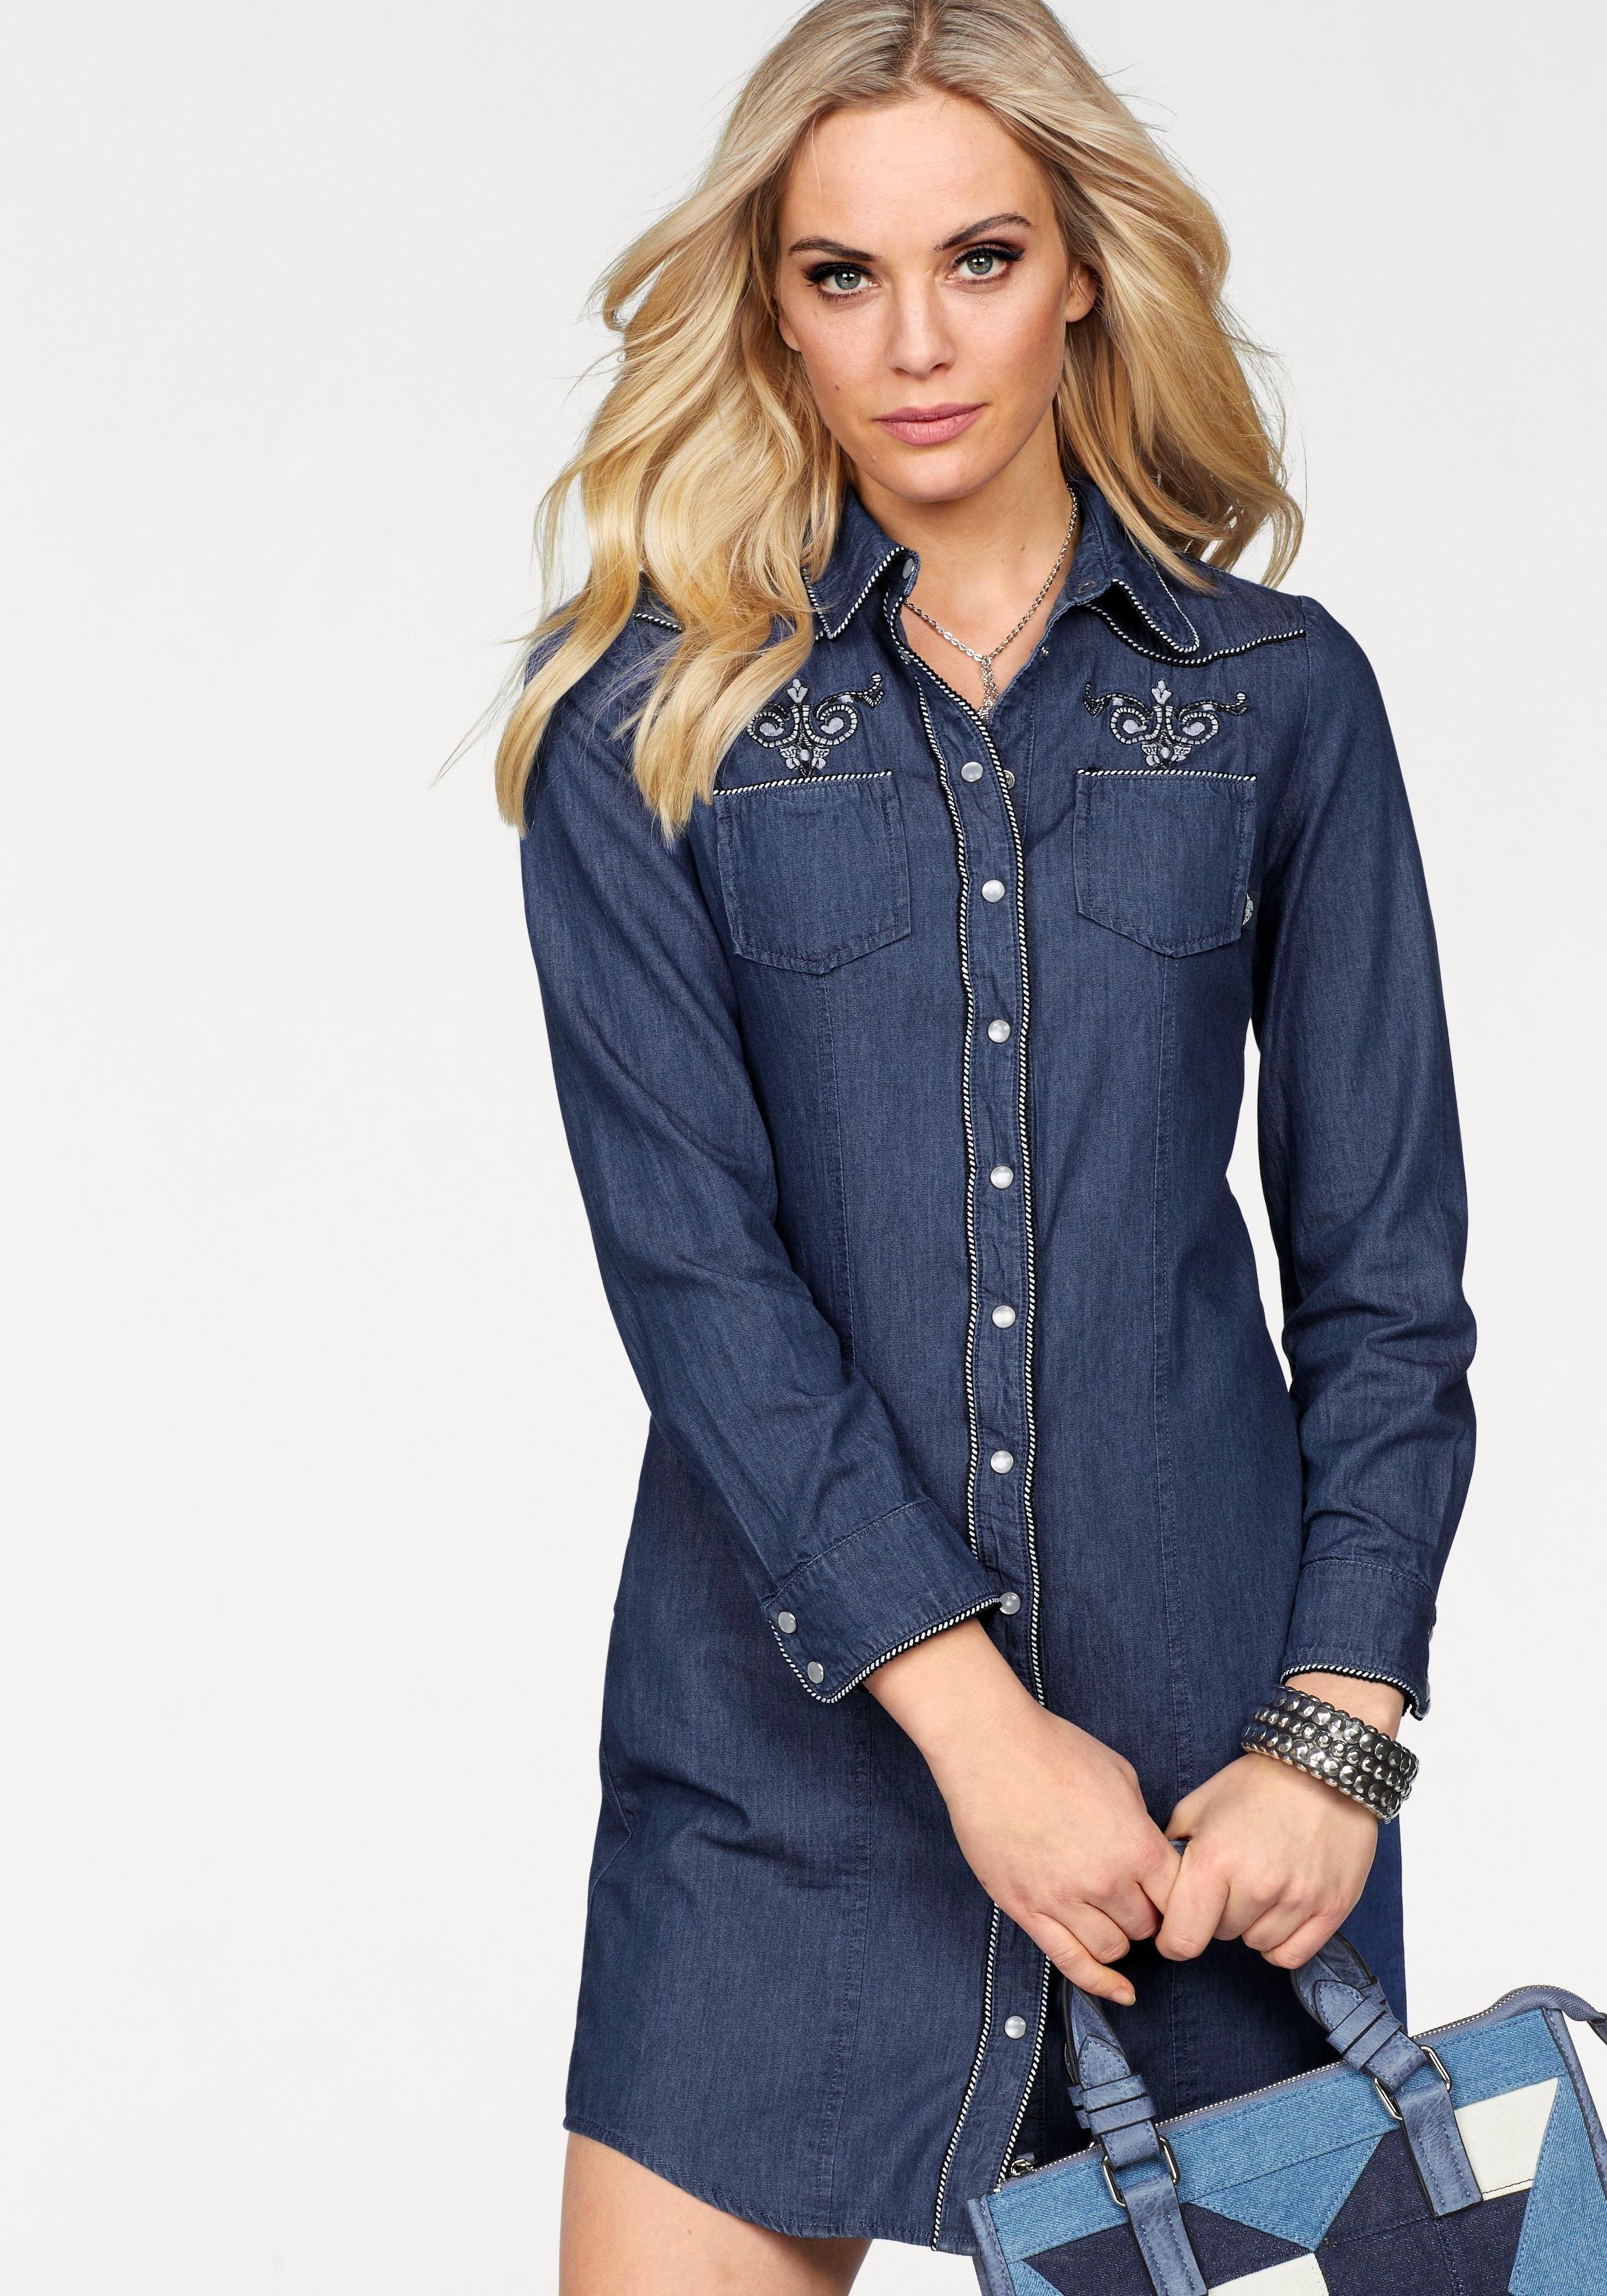 ARIZONA jeansjurk »met chic borduursel in etno-look« bij OTTO online kopen